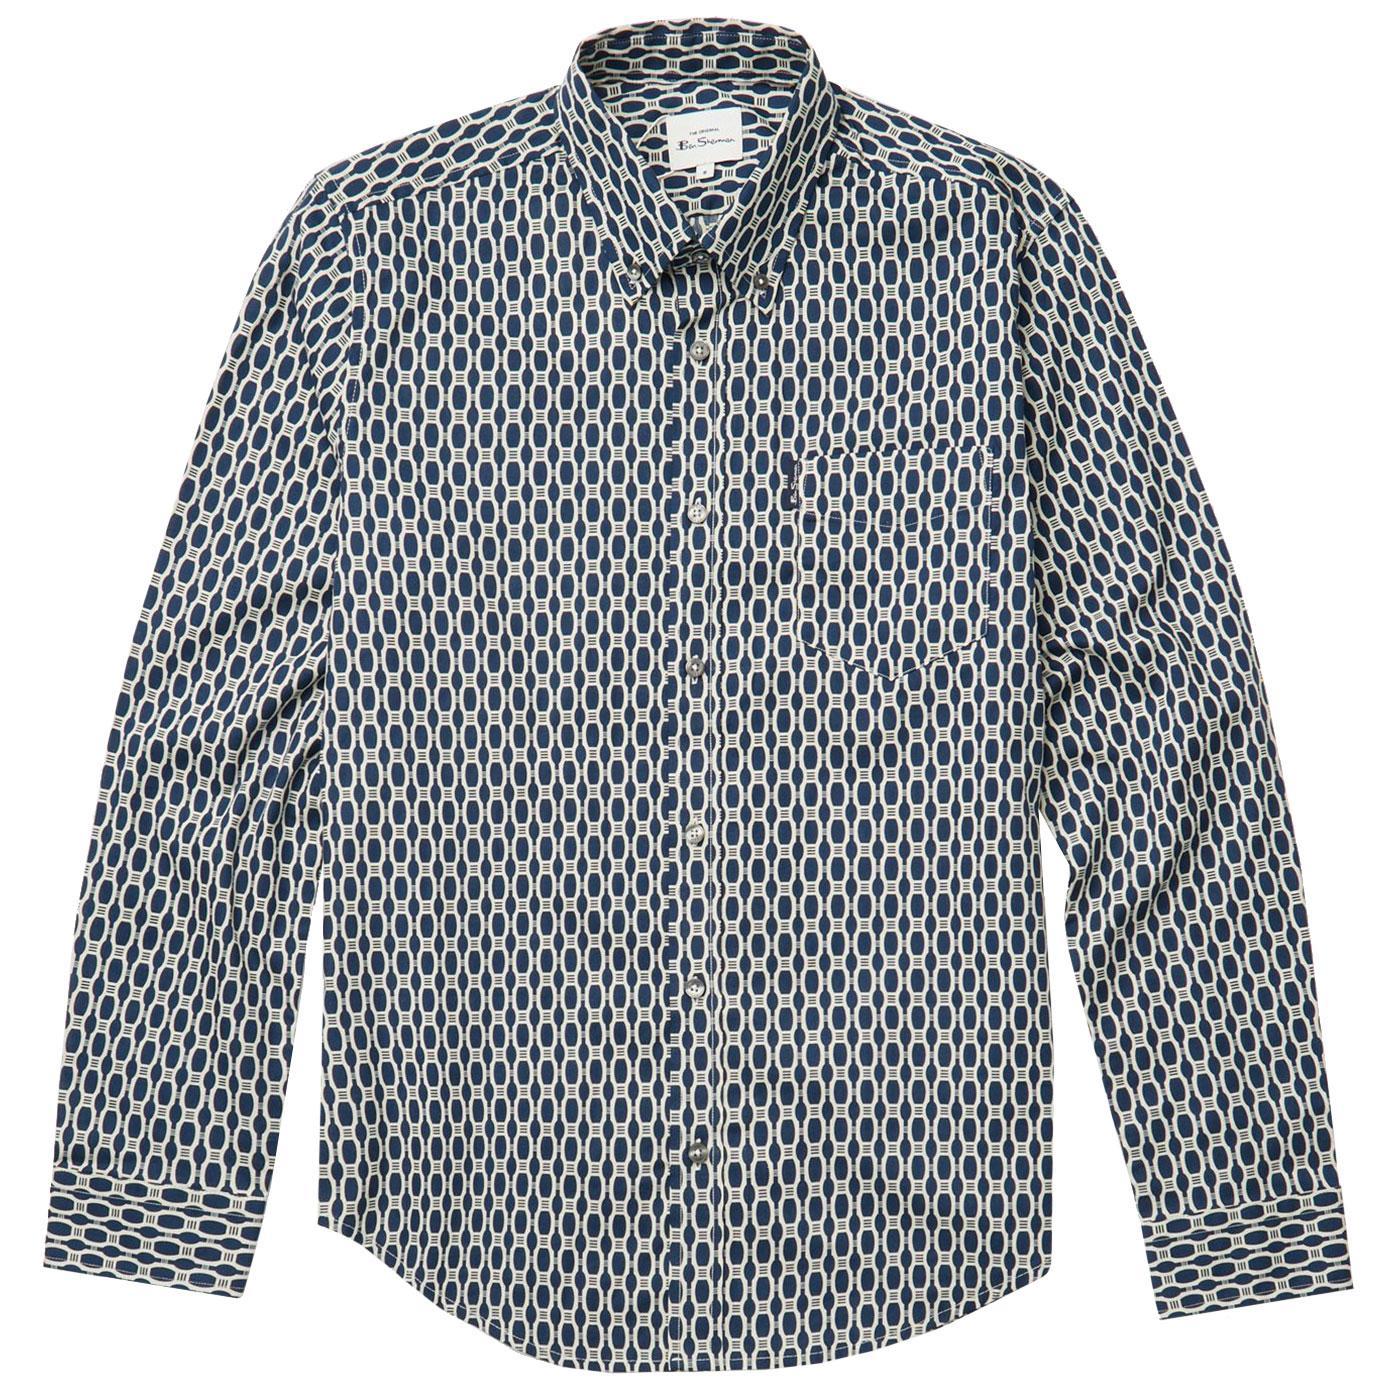 BEN SHERMAN Mens Retro 70s Abstract Print Shirt DB